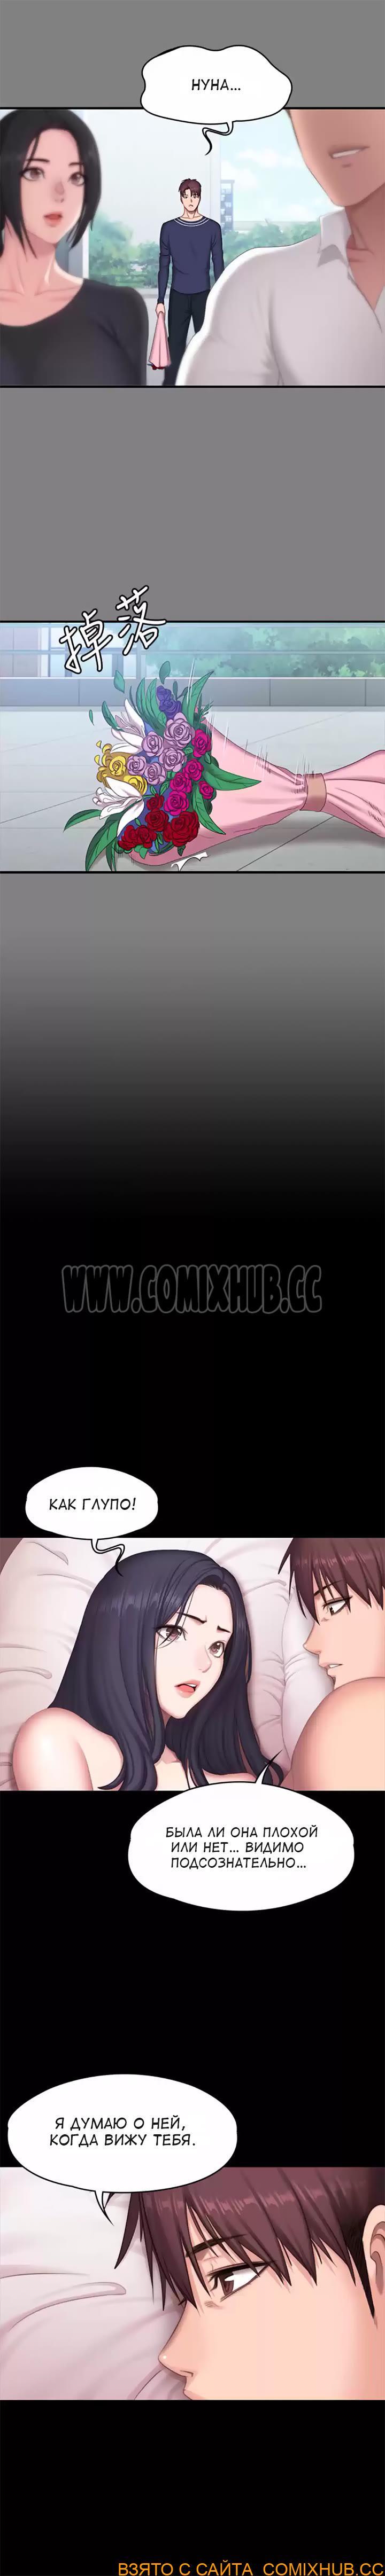 Манхва Фитнес, часть 71 Хентай манга, манхва, Большая грудь, Измена